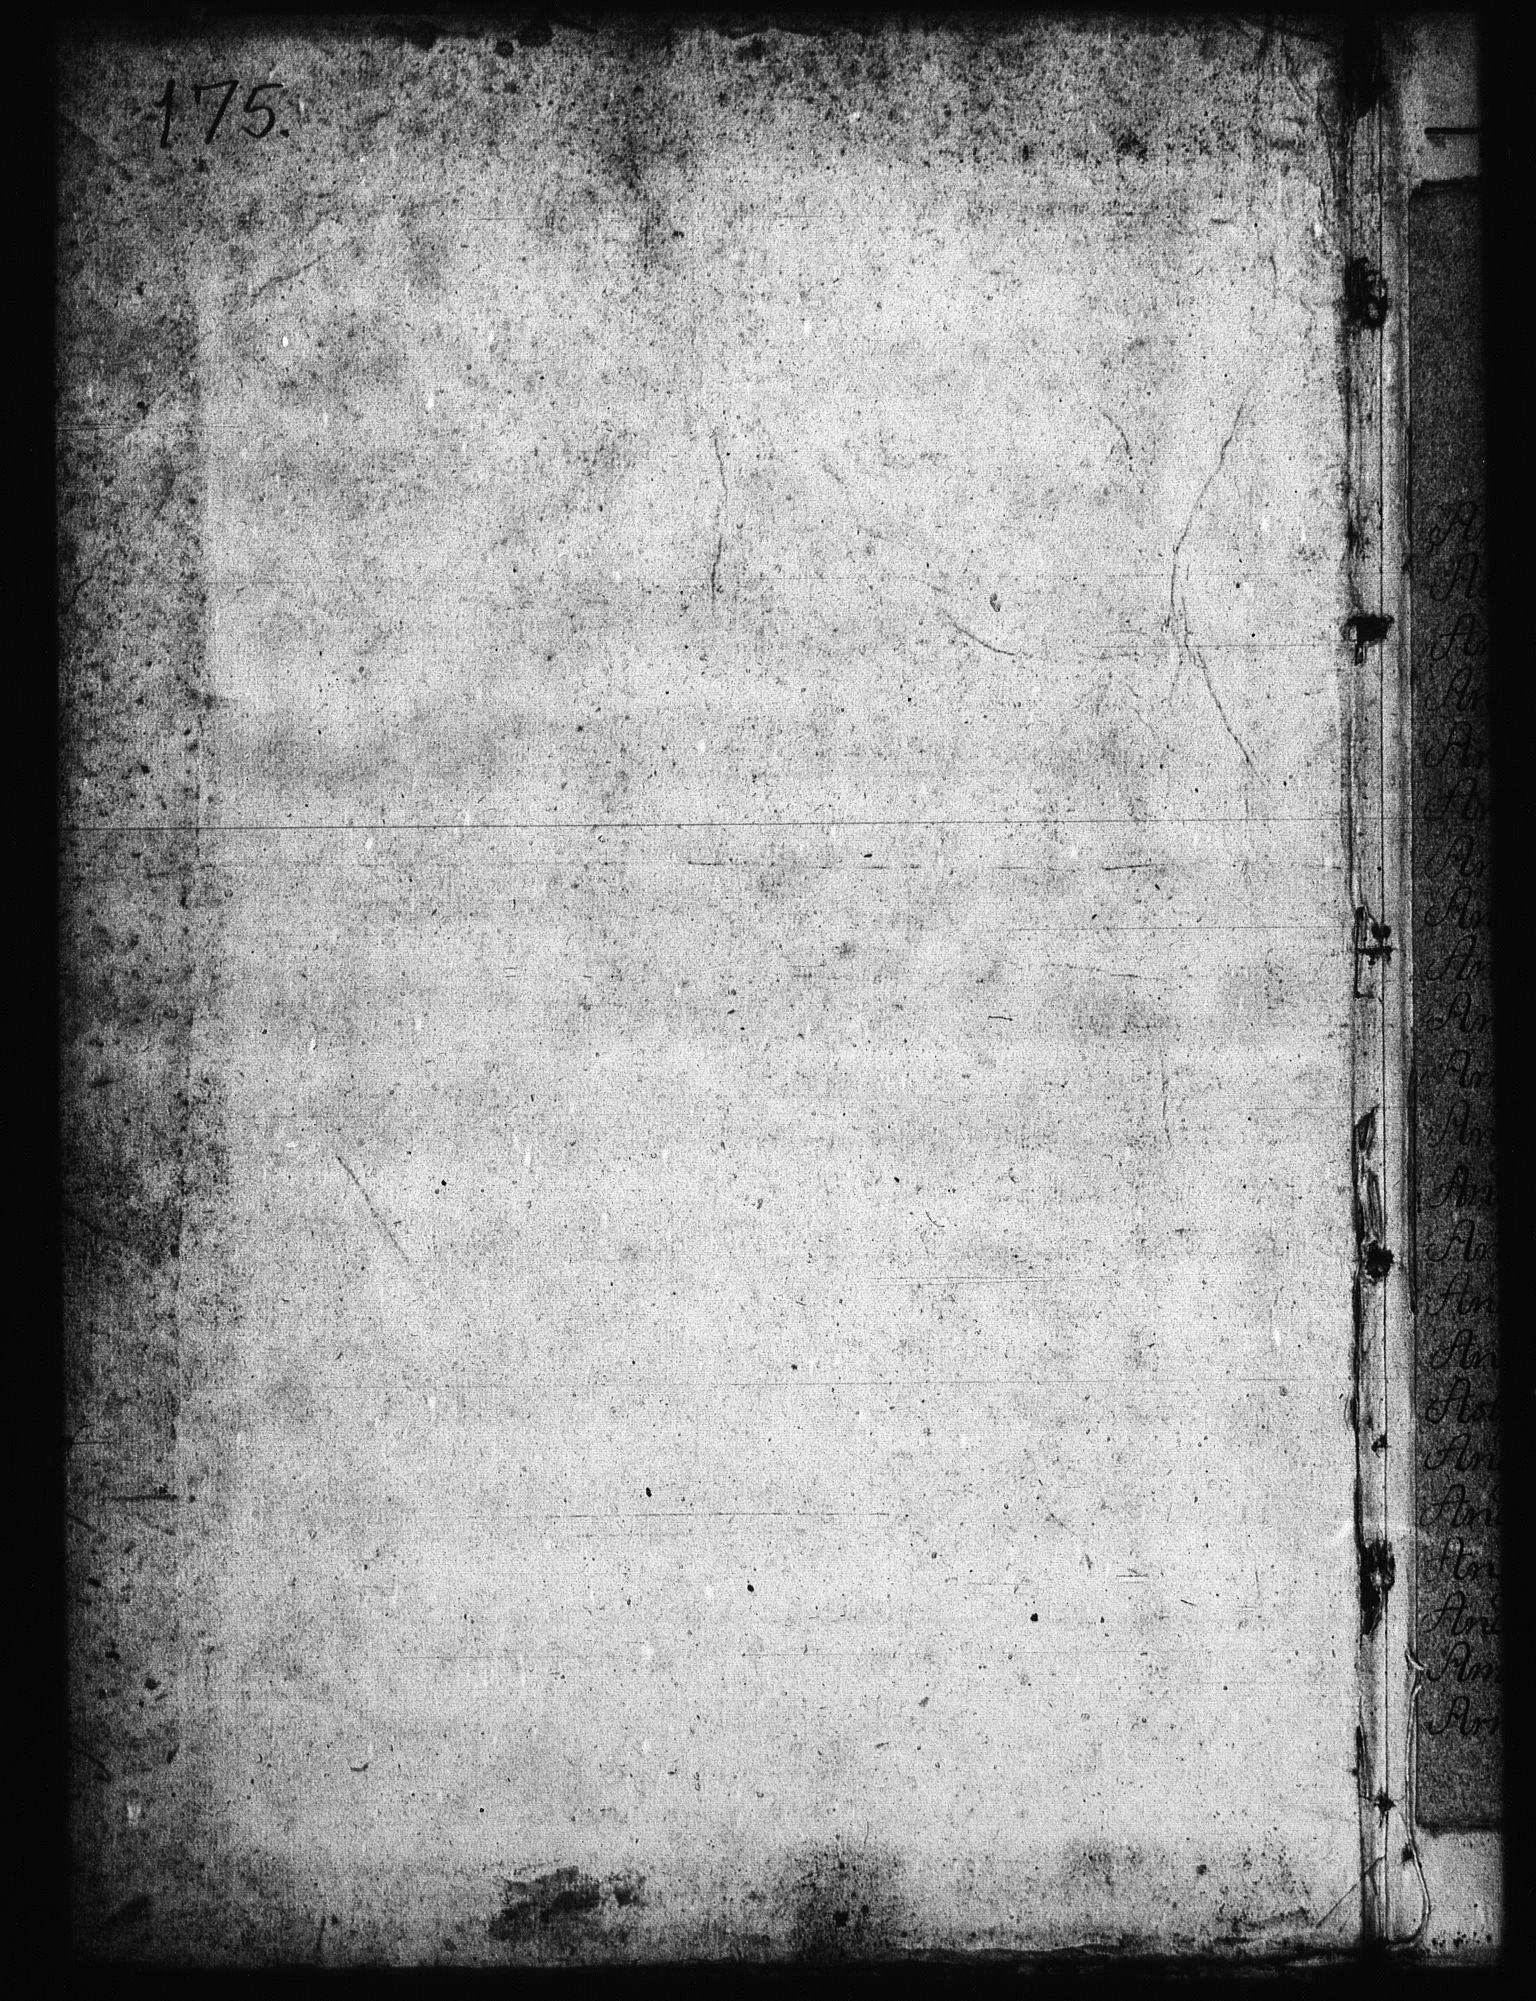 RA, Sjøetaten, F/L0176: Fredrikshalds distrikt, bind 2, 1794